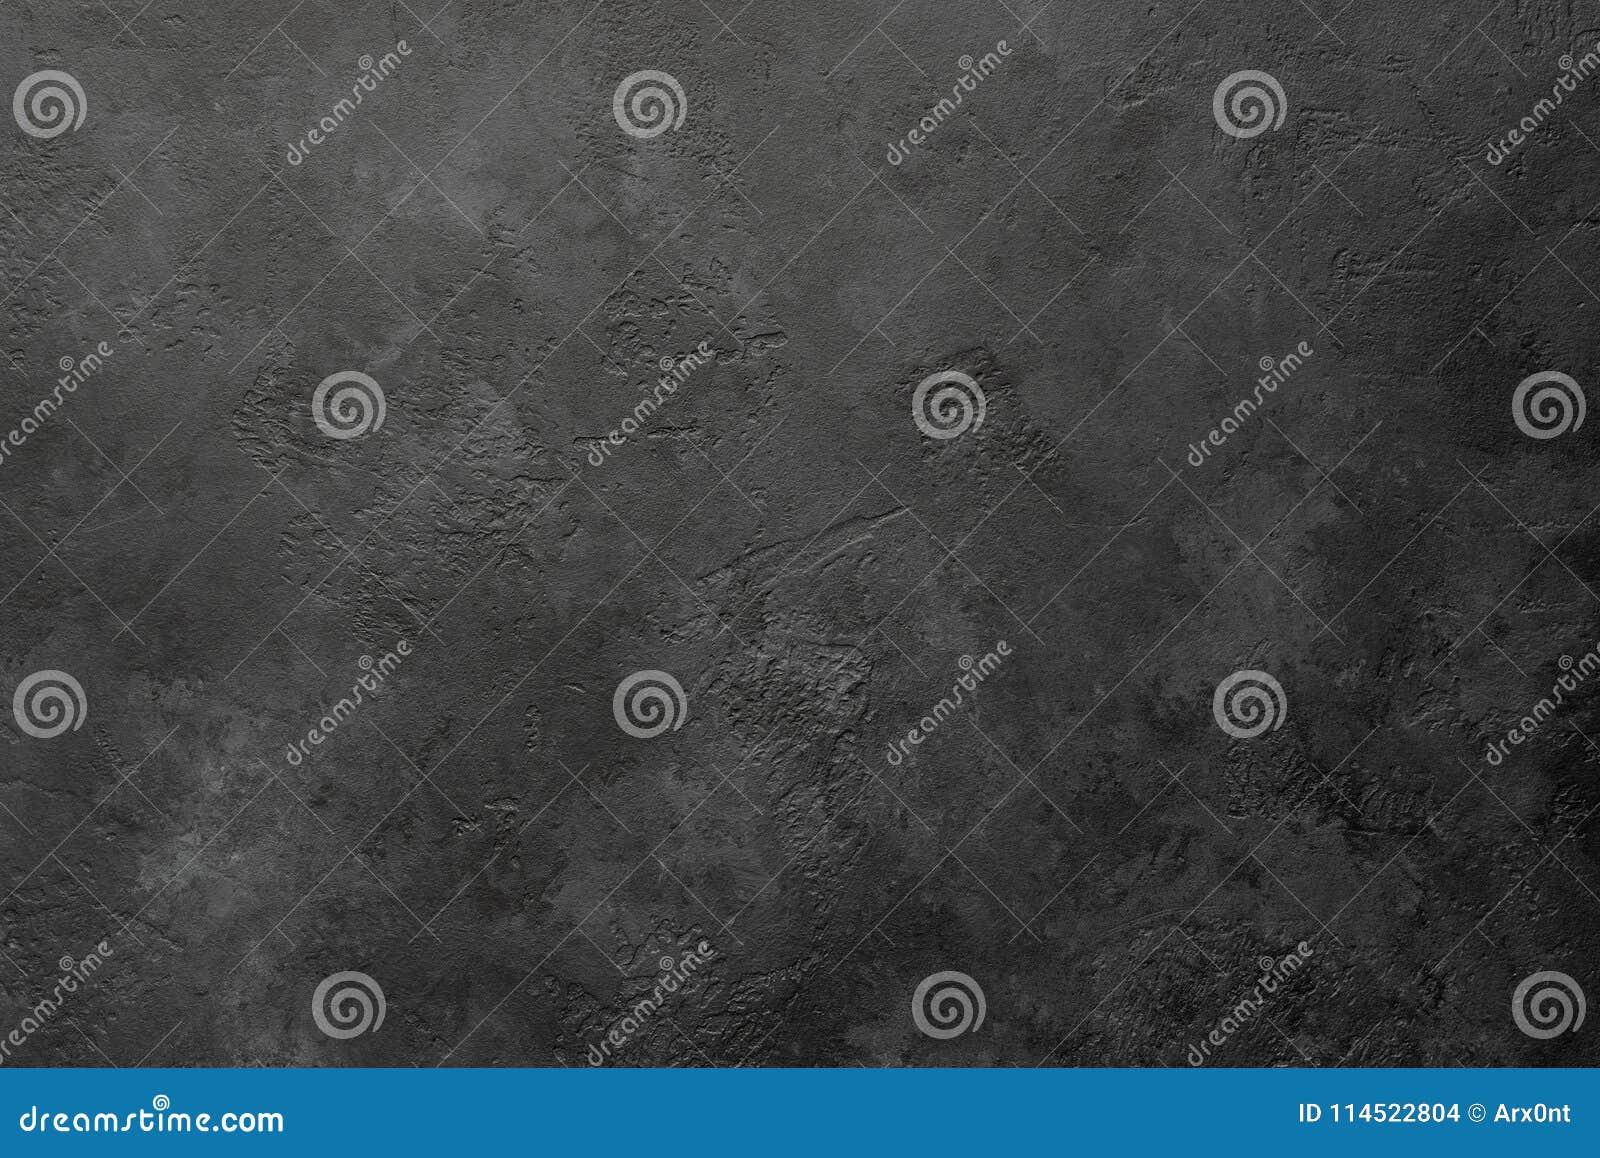 Μαύρο πέτρα ή υπόβαθρο ή σύσταση πλακών